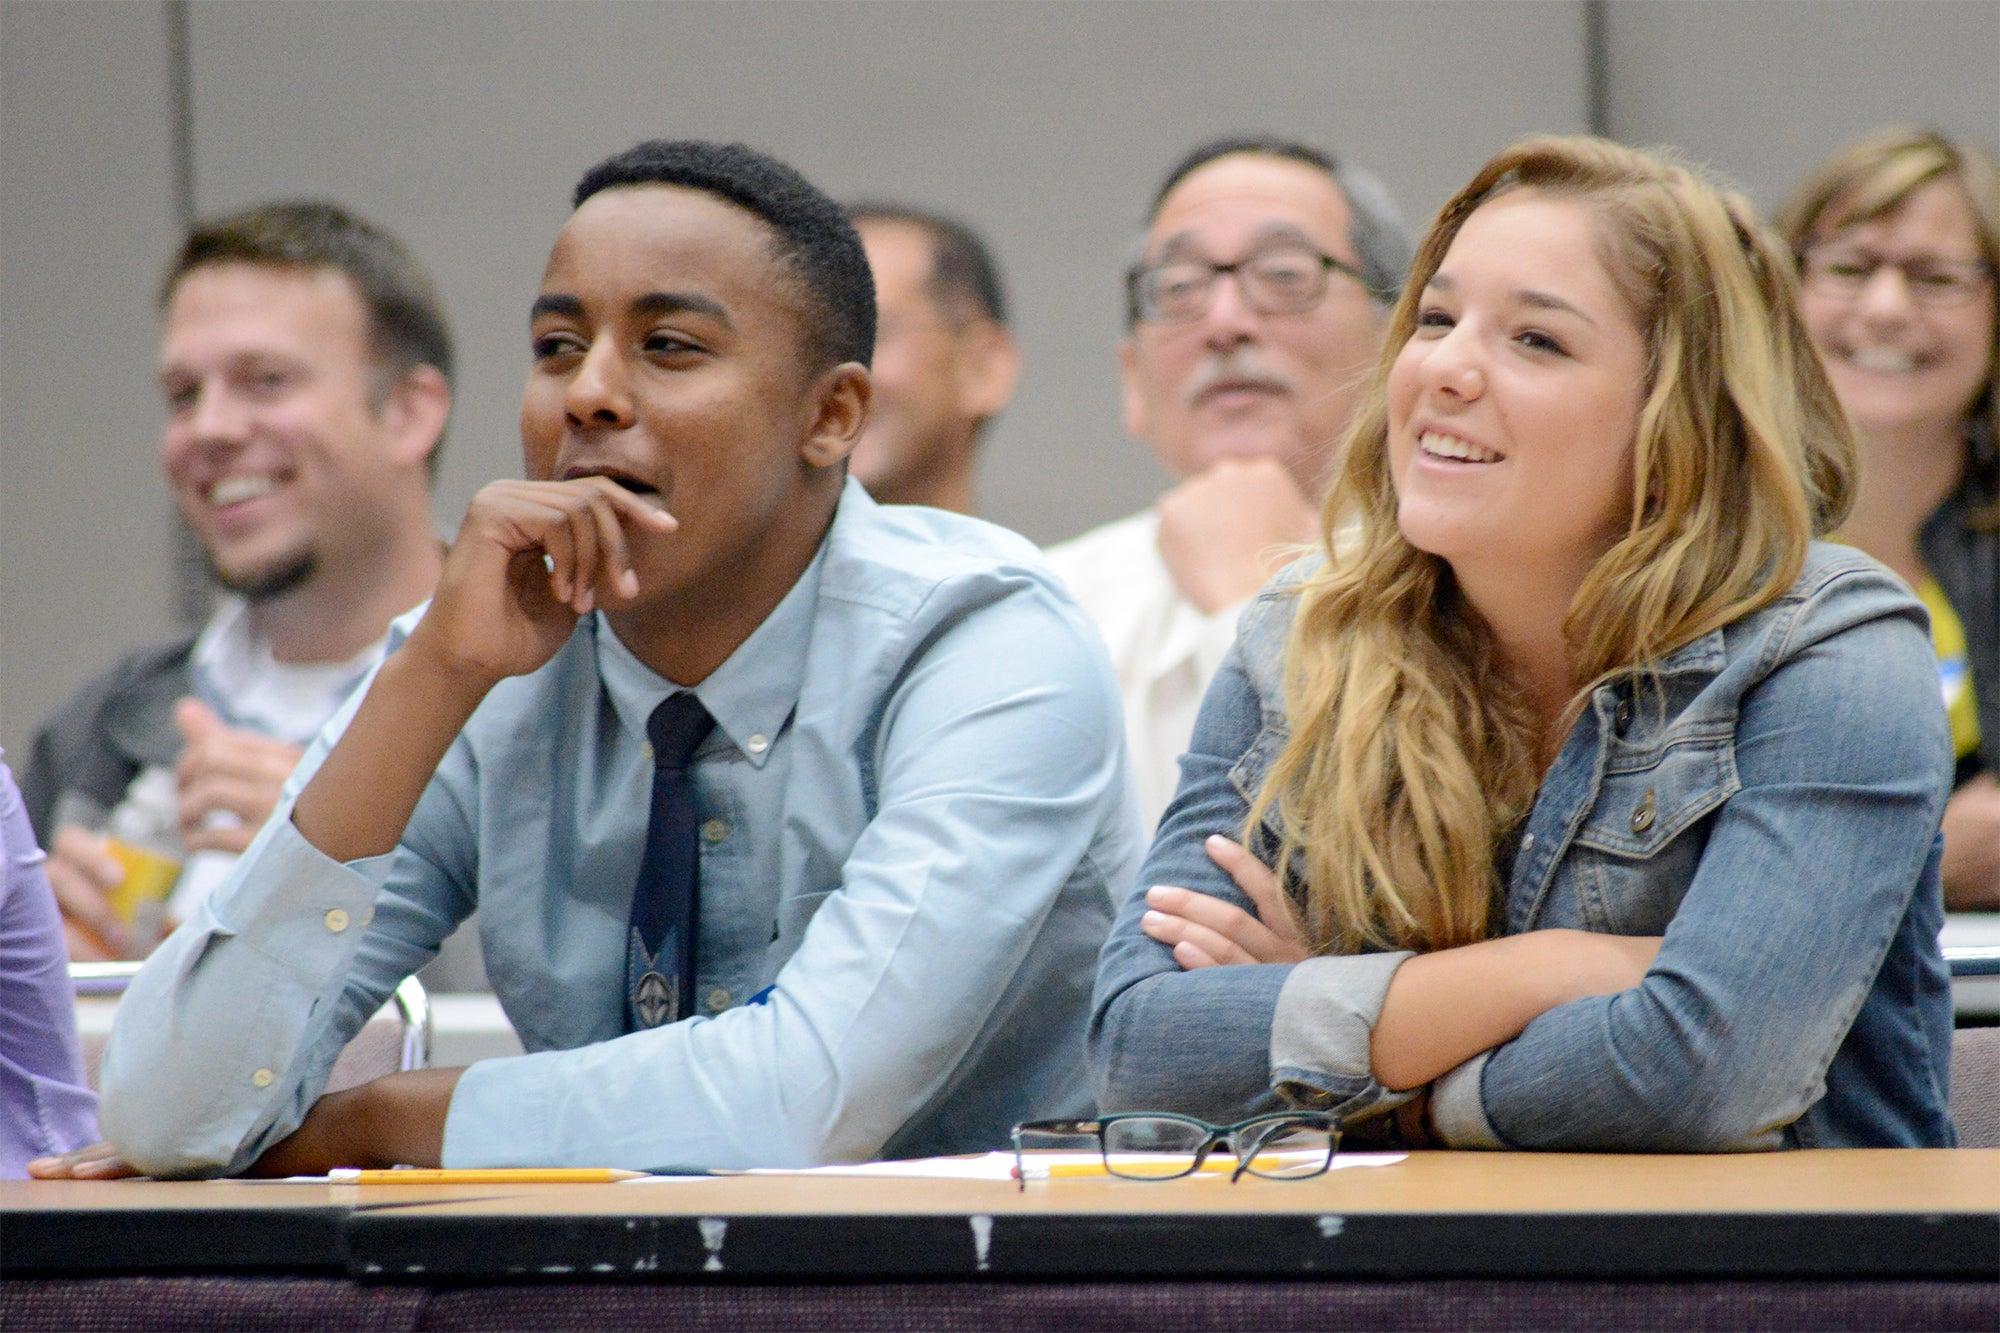 interns listen to presentation